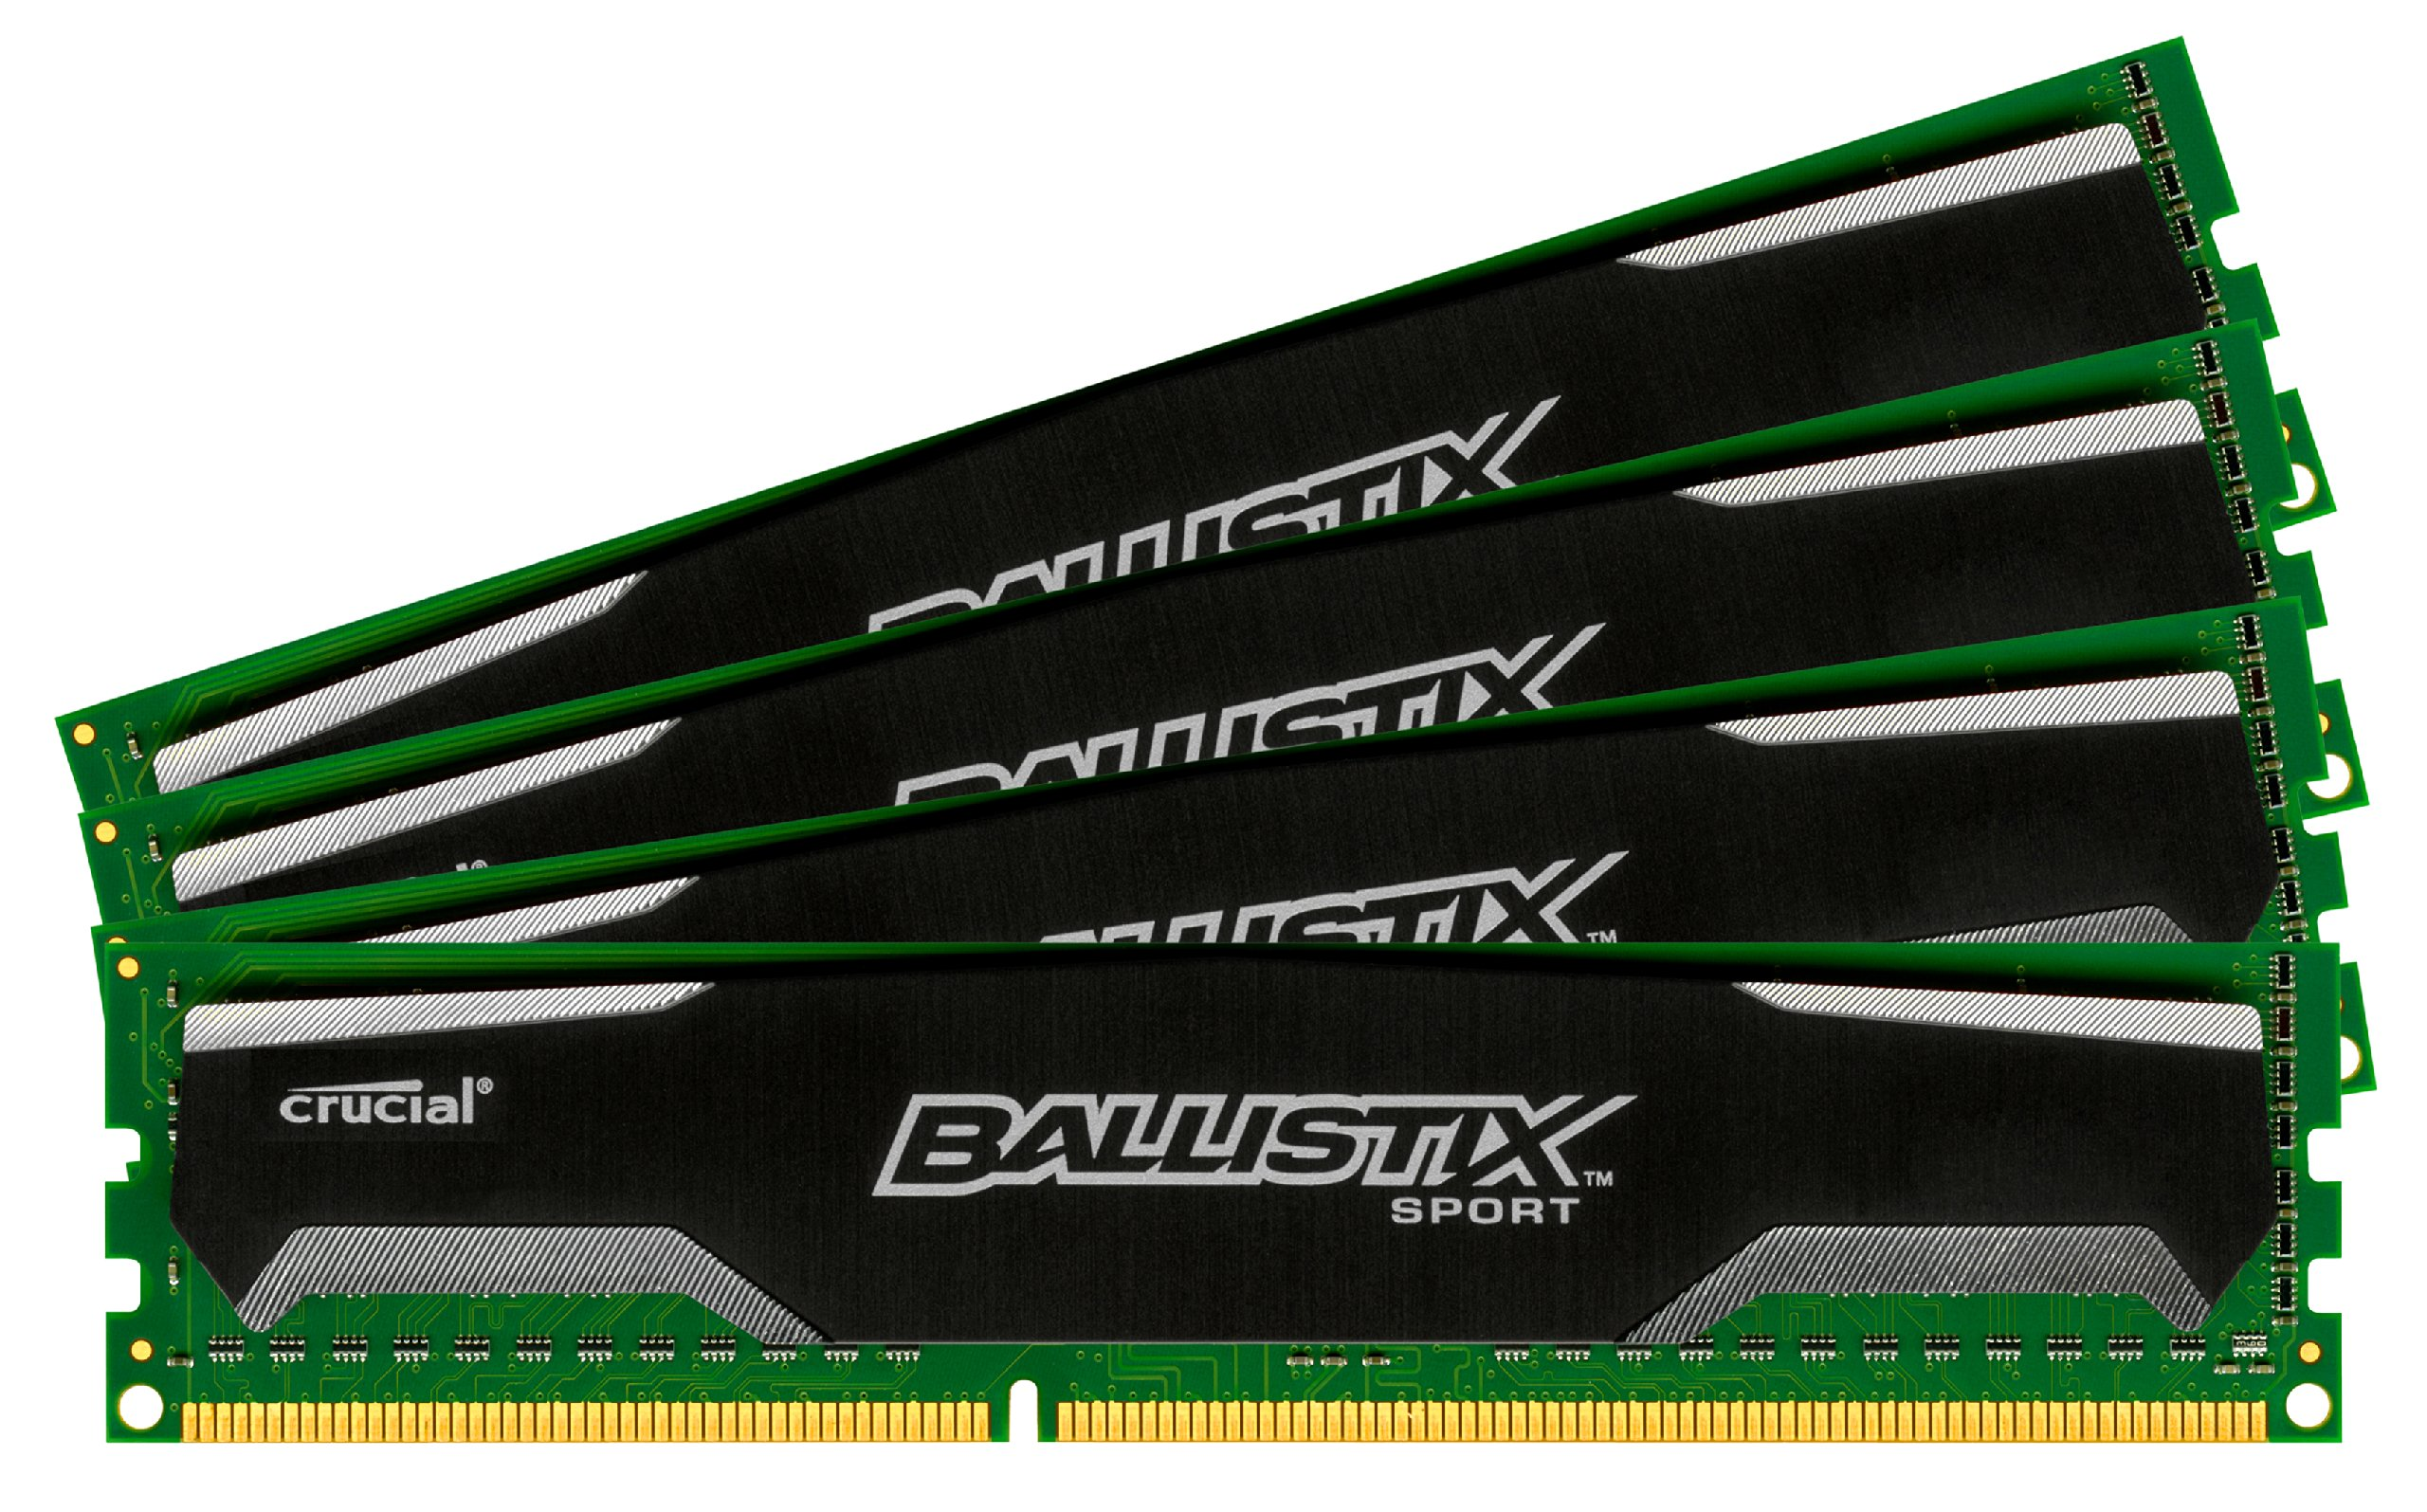 Ballistix Sport 16GB Kit (4GBx4) DDR3 1600 MT/s (PC3-12800) UDIMM 240-Pin Memory - BLS4KIT4G3D1609DS1S00